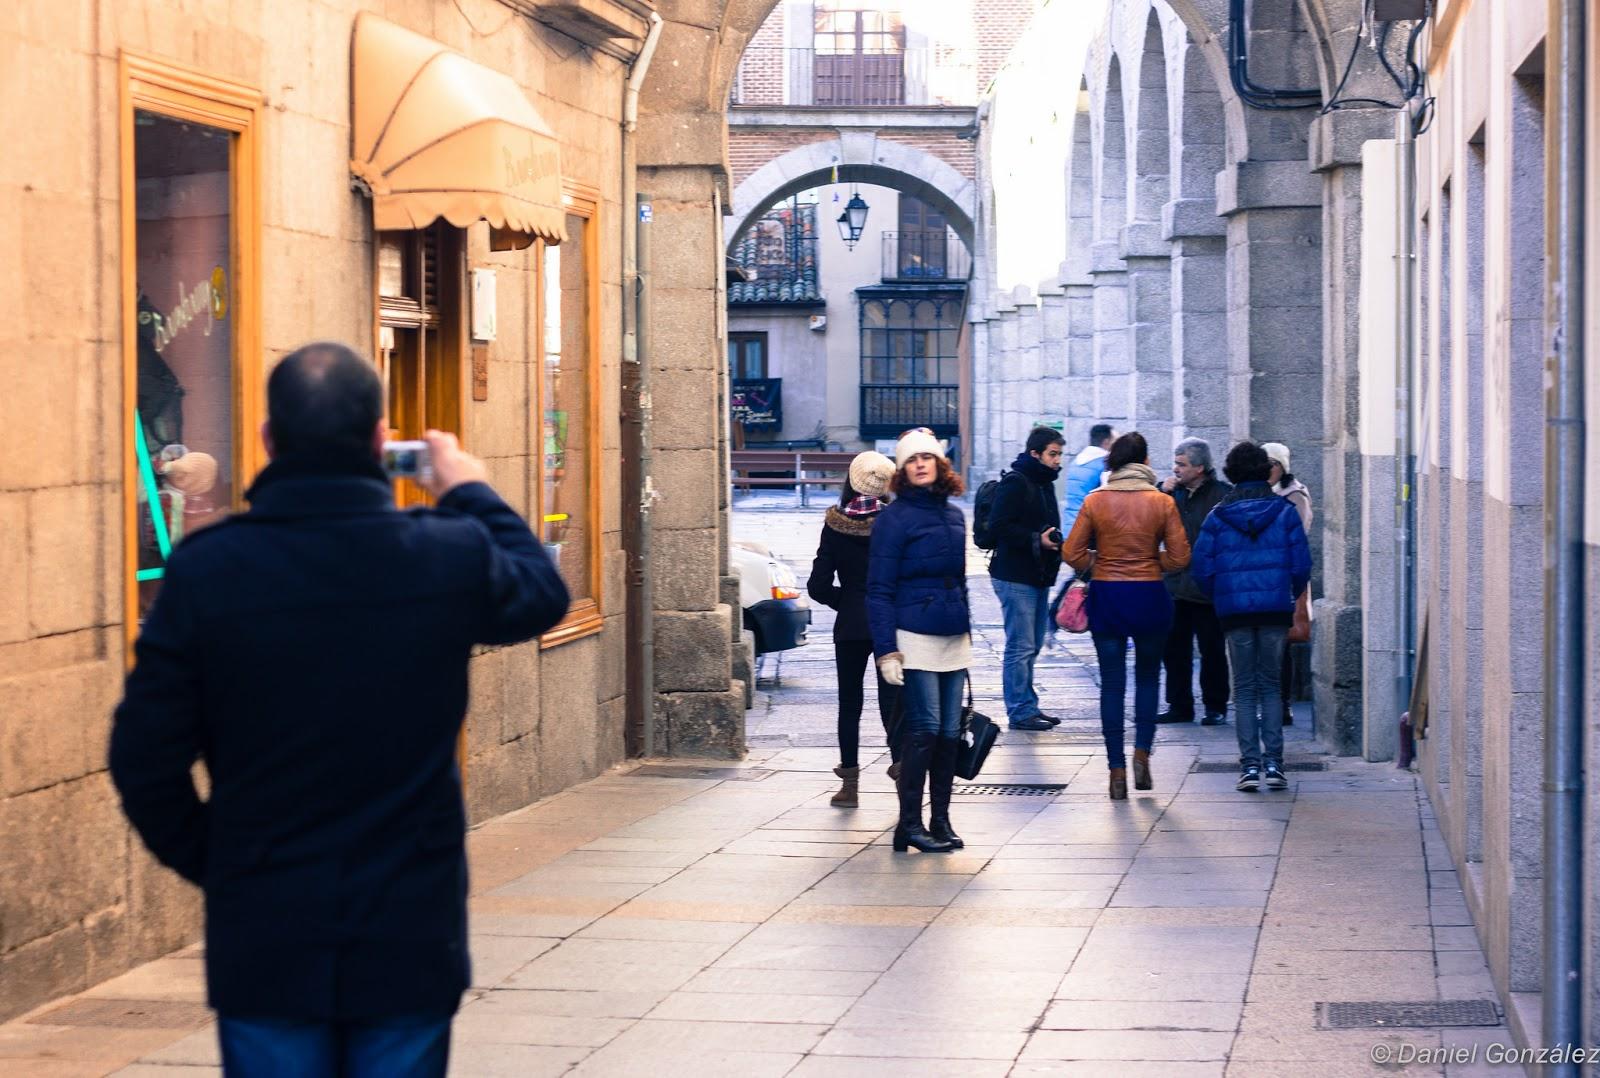 Turistas haciendo fotos, Mercado Chico, Avila 2014